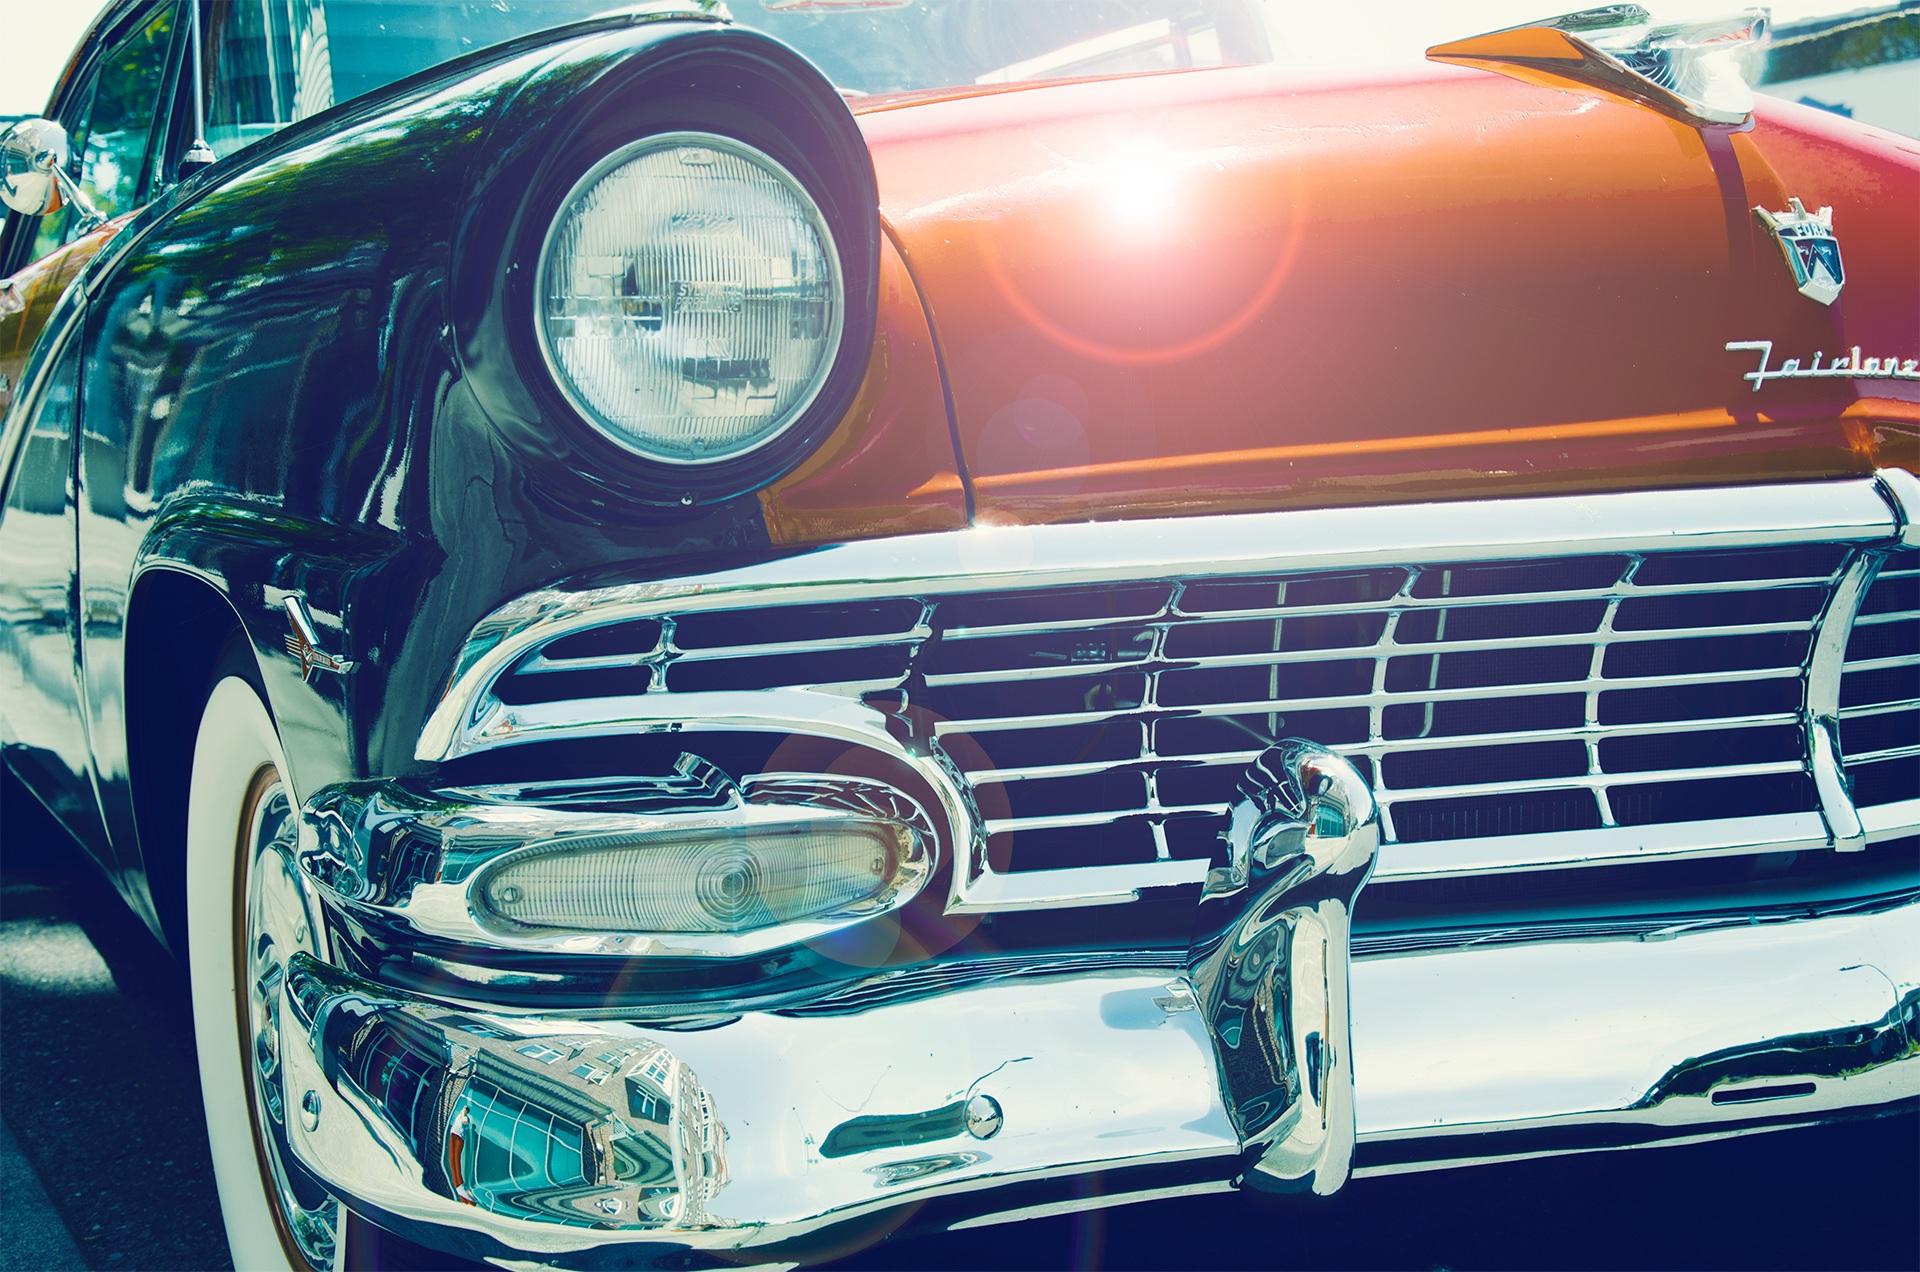 carro, velho, Clássico, vintage, Ford - Papéis de parede HD - Professor-falken.com